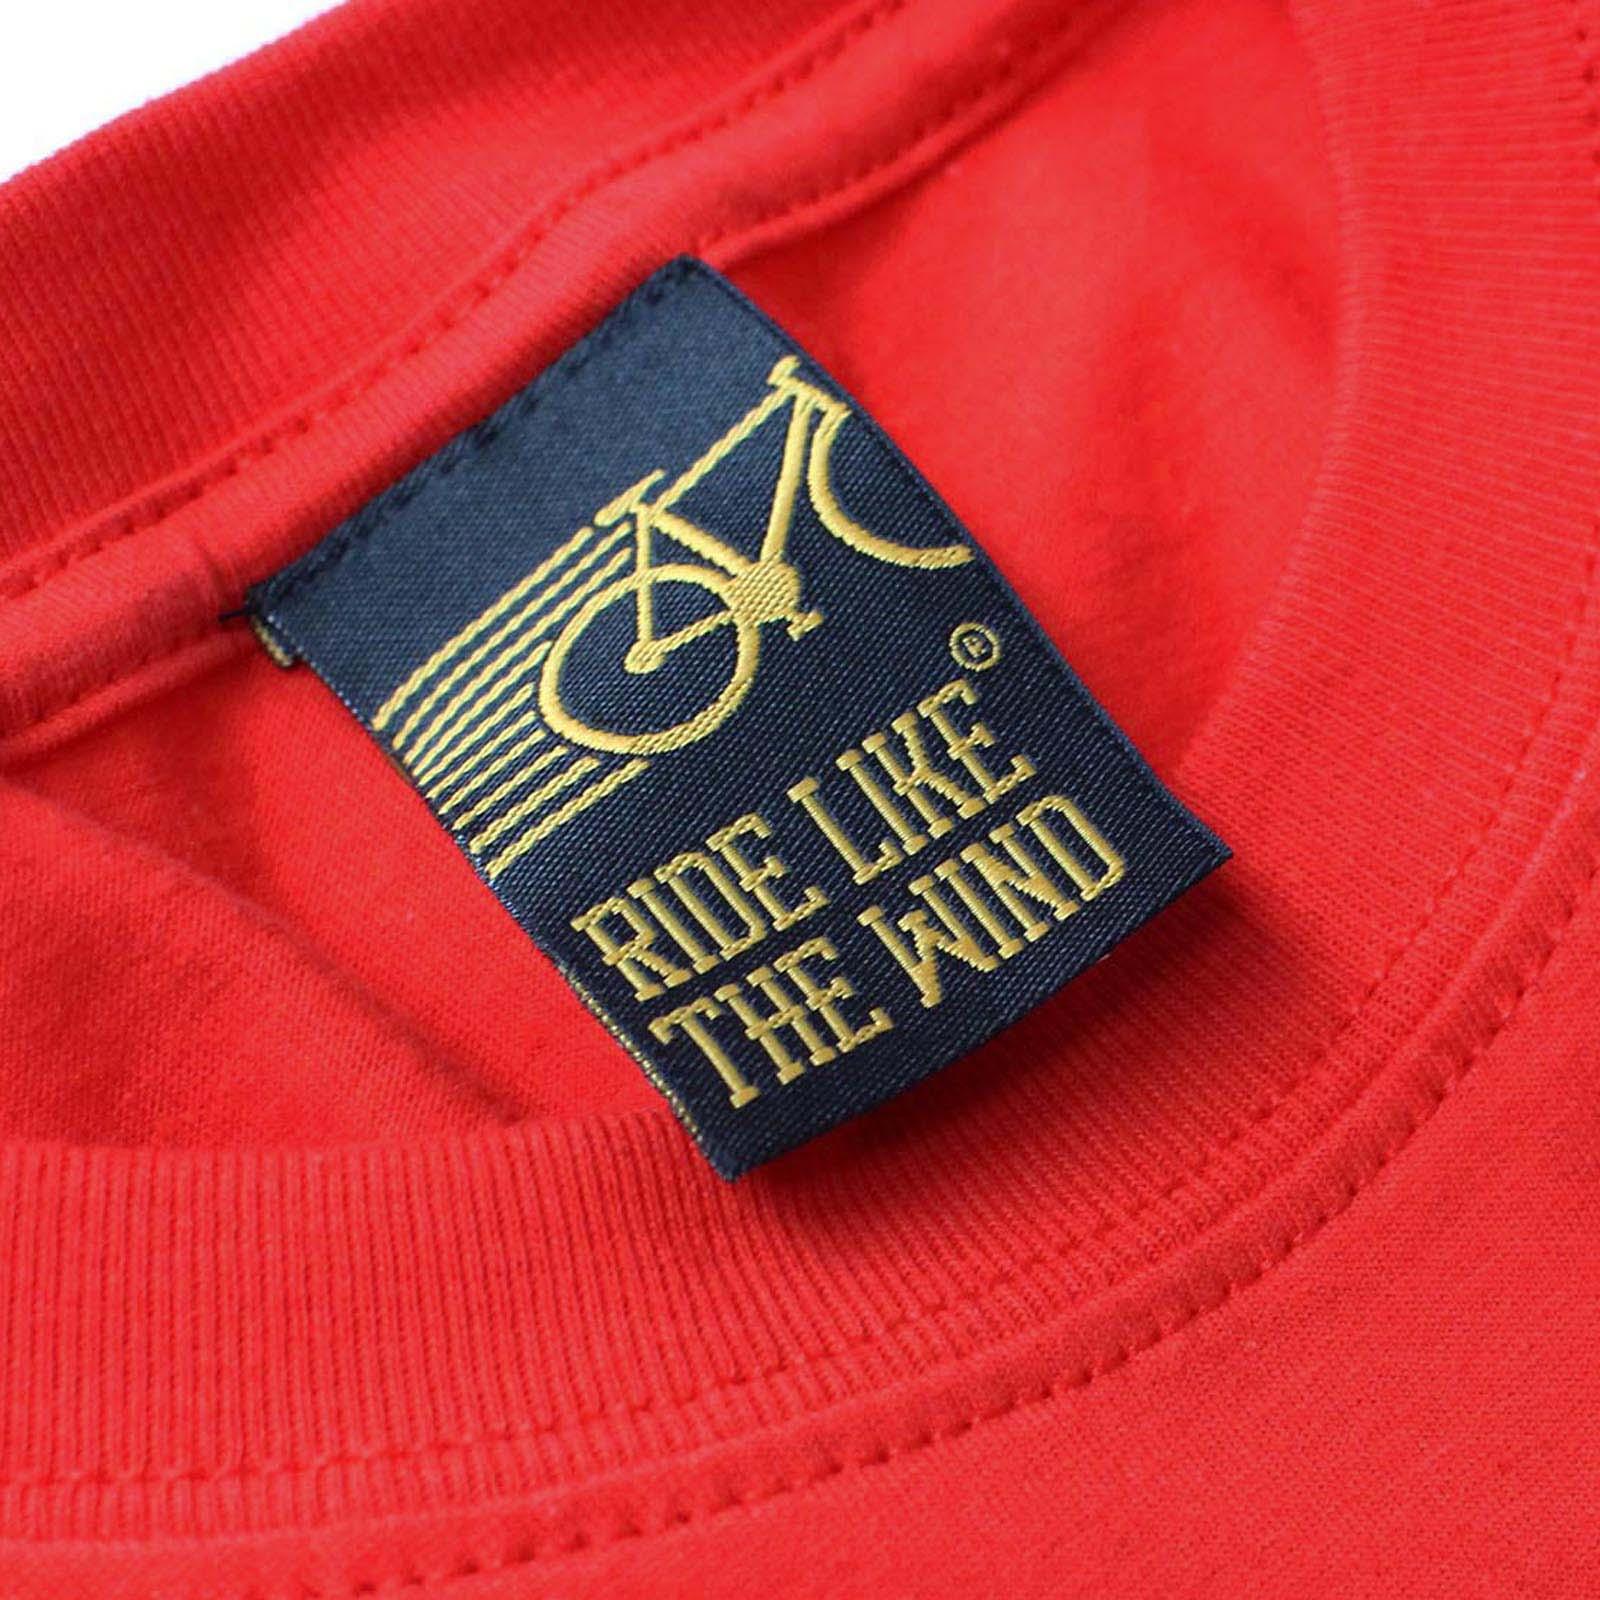 FB-Cycling-Tee-Ocd-Cycling-Novelty-Birthday-Christmas-Gift-Mens-T-Shirt thumbnail 34